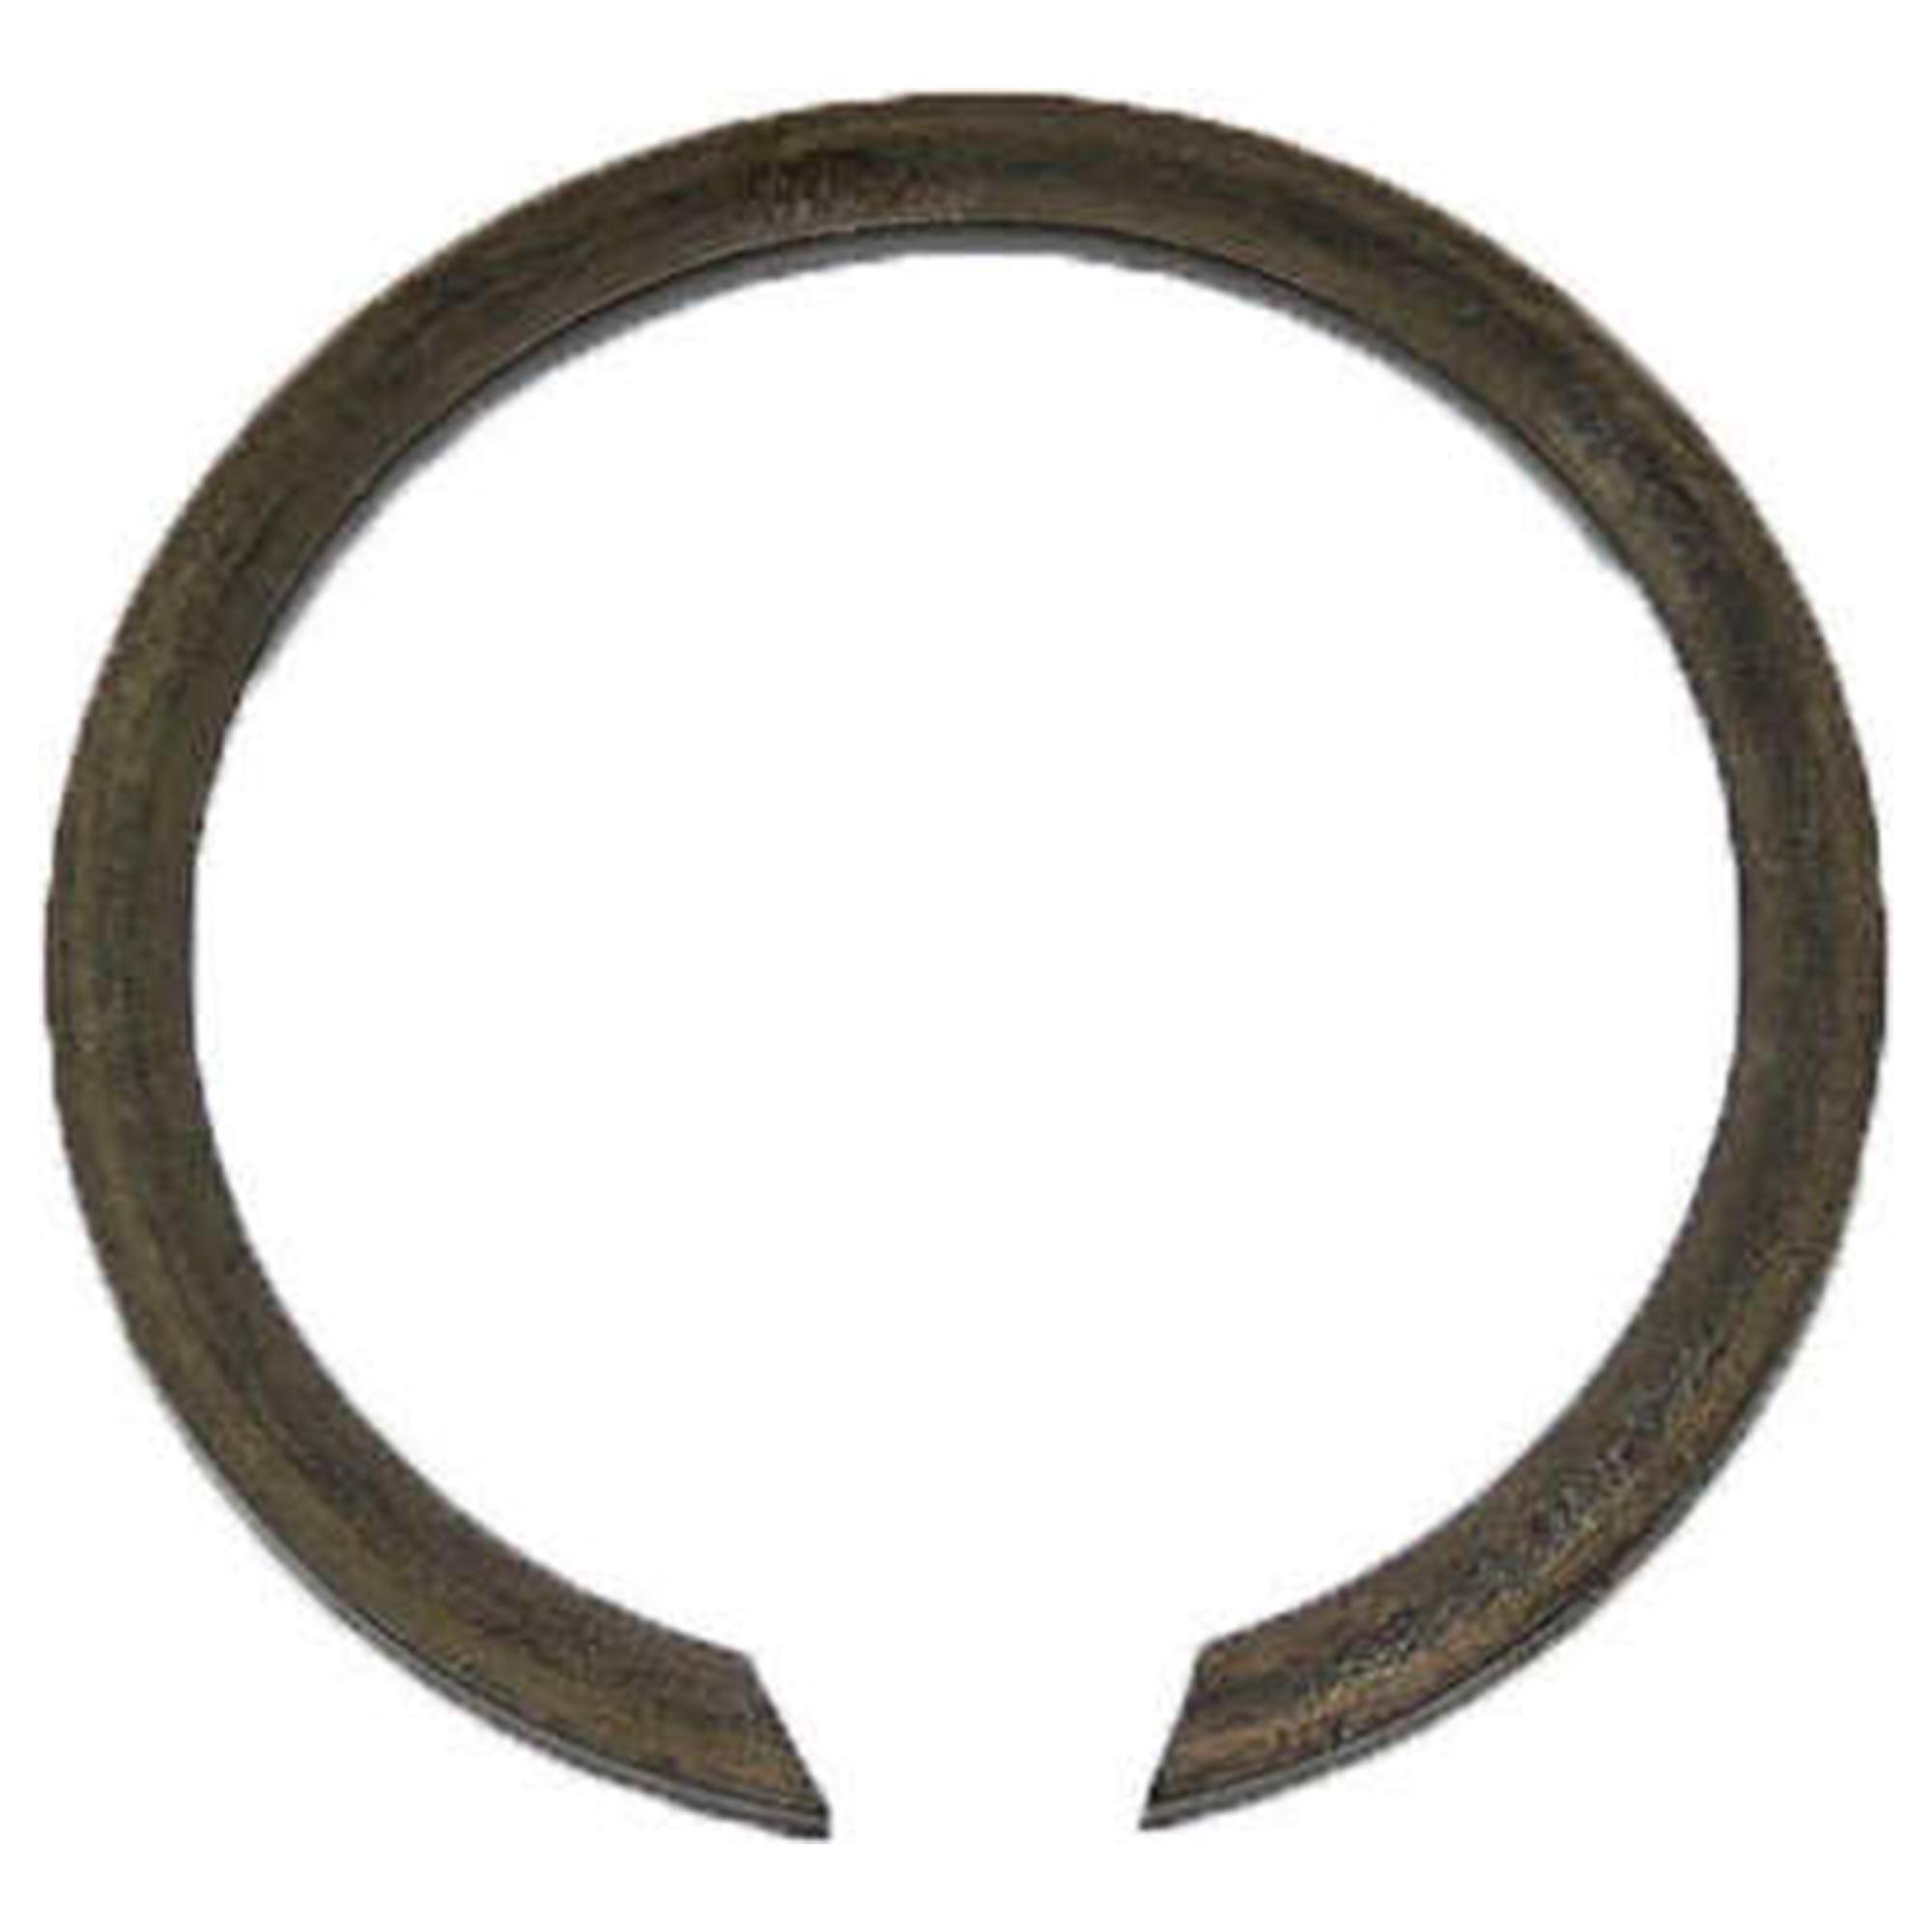 SUK399 - Anel retentor de aço